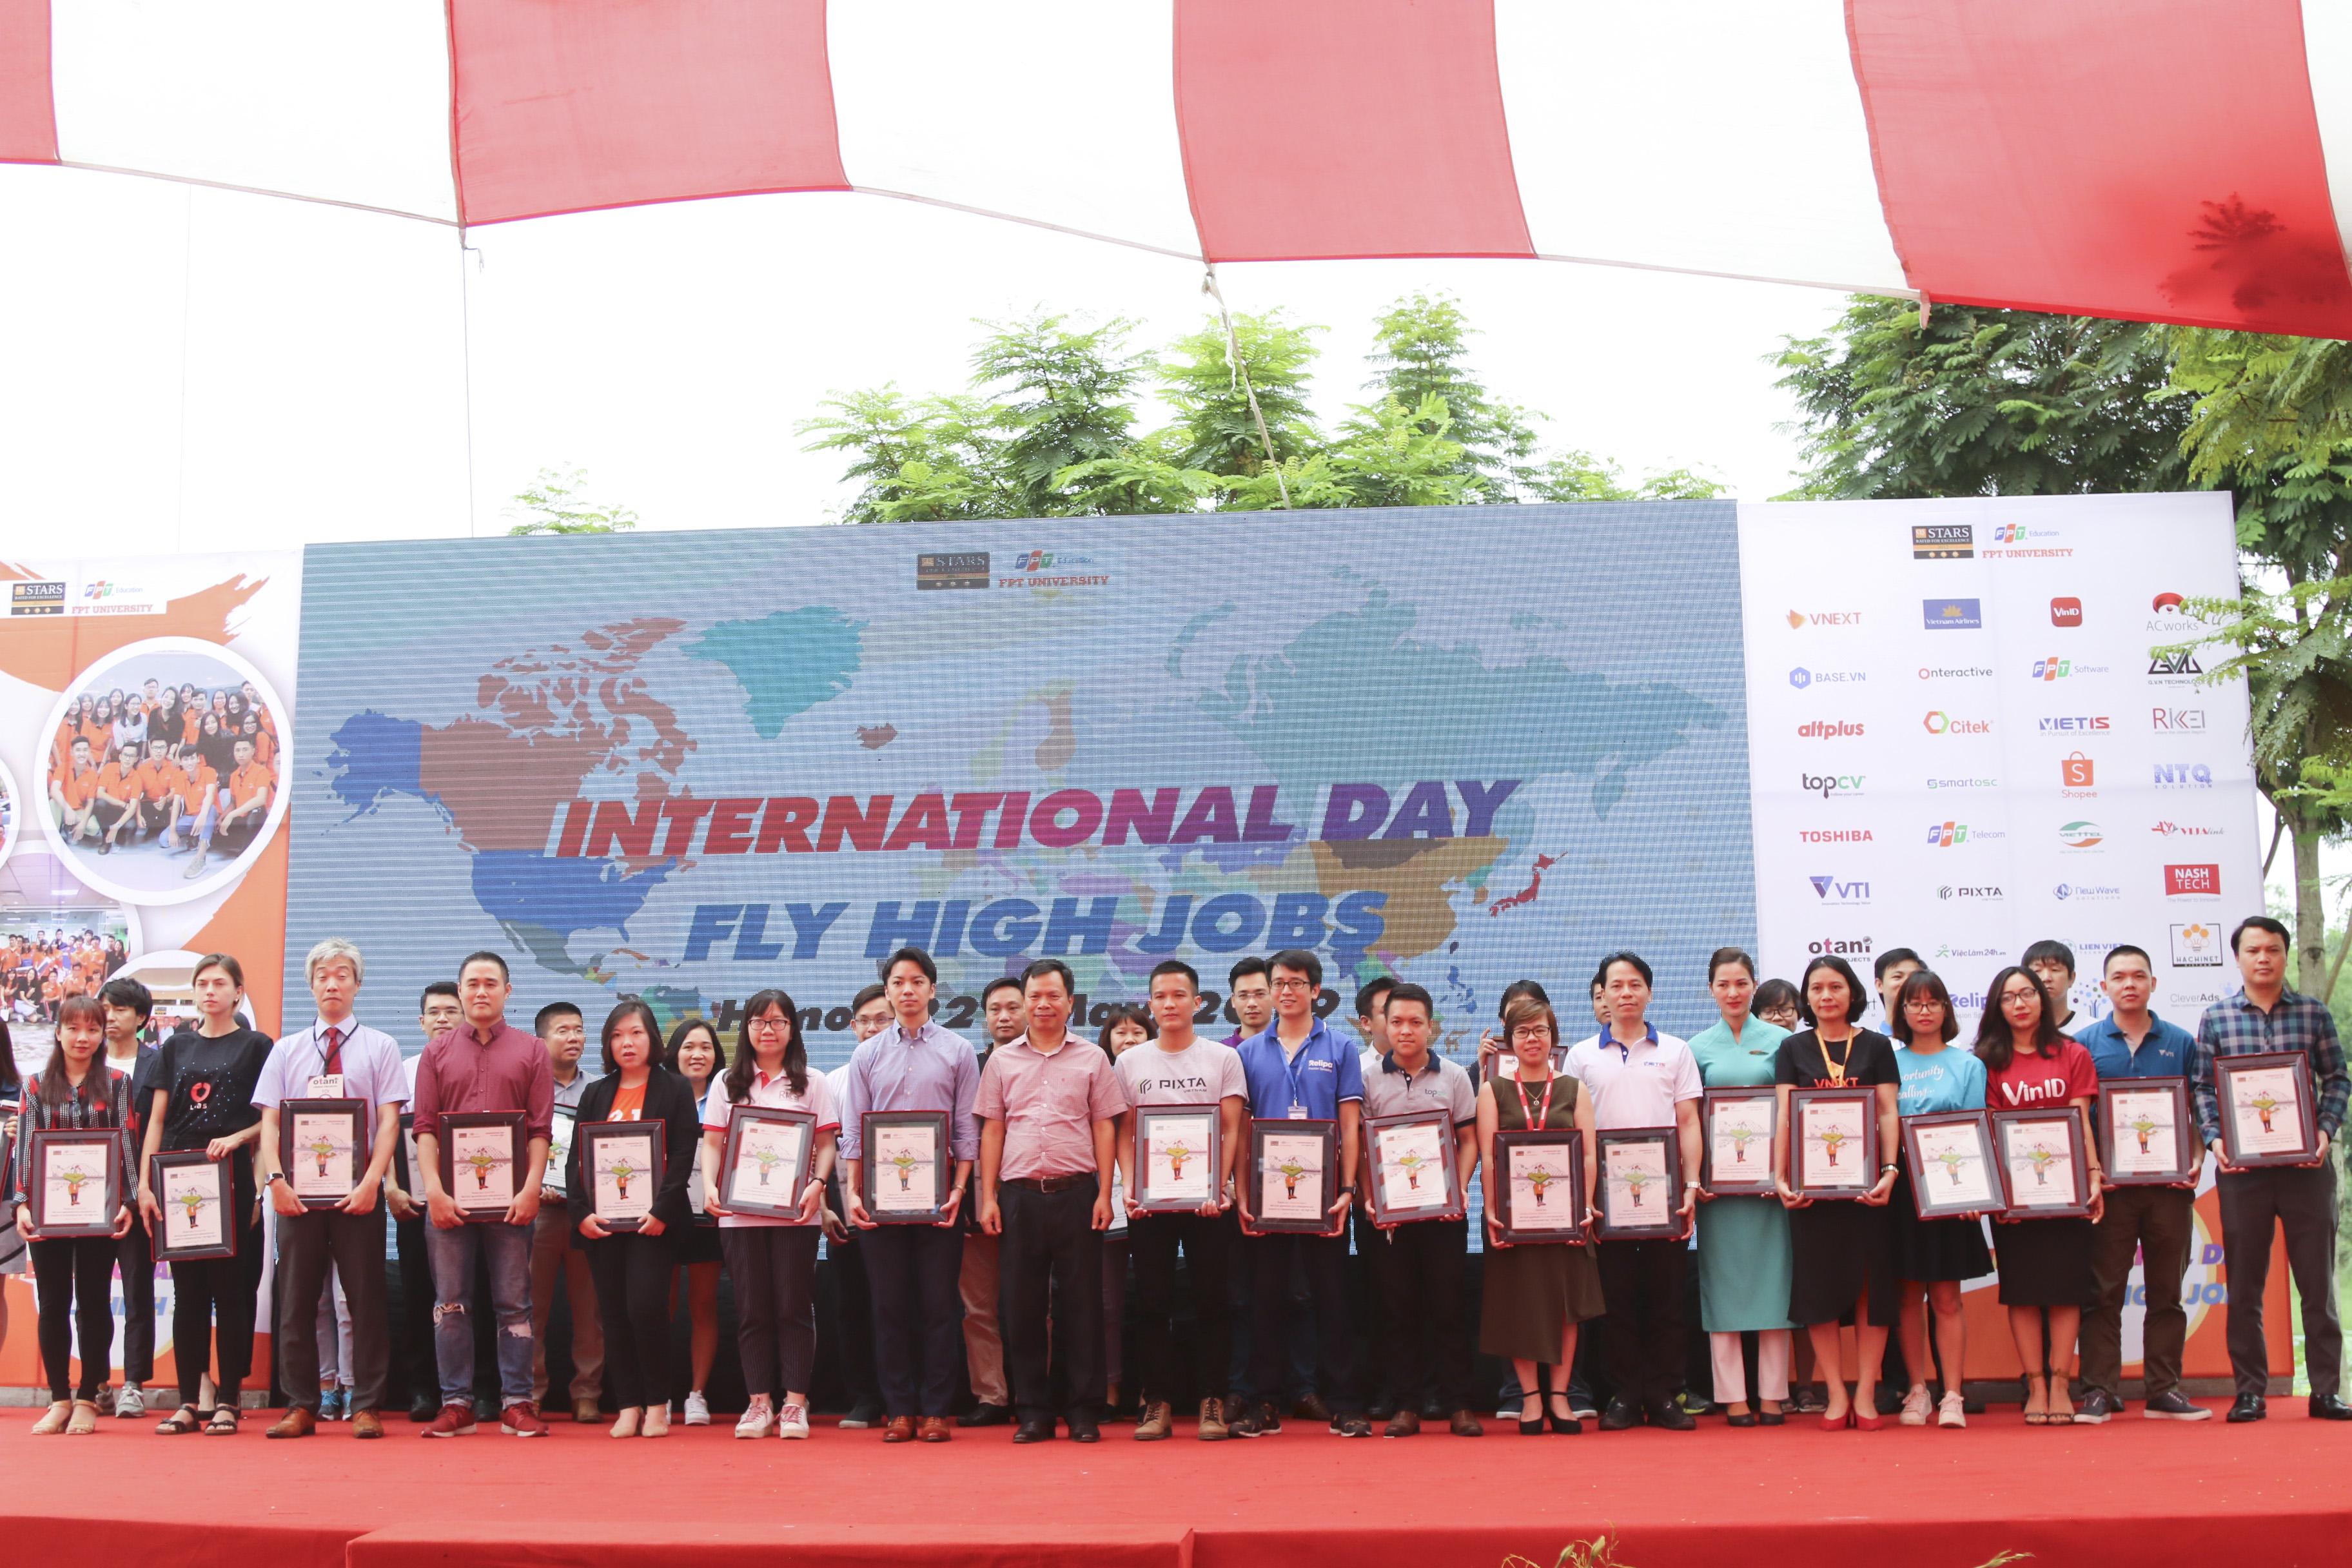 Phó Giám đốc ĐH FPT Tạ Ngọc Cầu tặng món quà lưu niệm cho đại diện 40 doanh nghiệp.